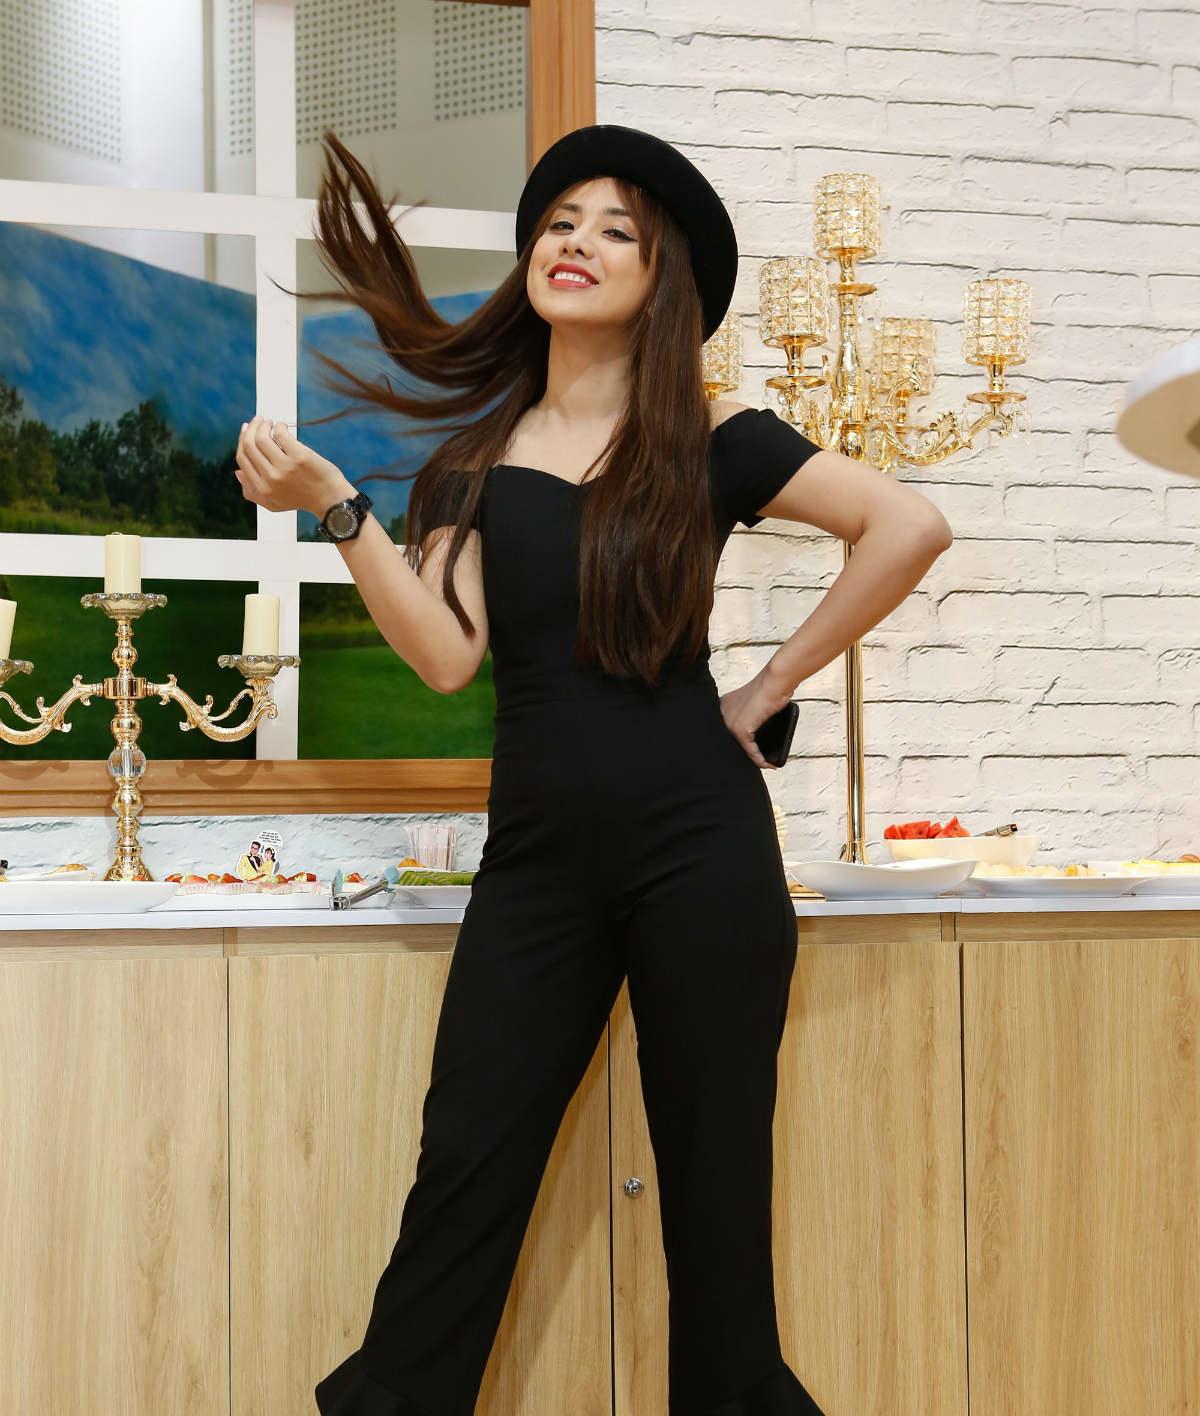 Thật bất ngờ, mới đầu năm 2018 showbiz Việt đã lộ hết mảng tối